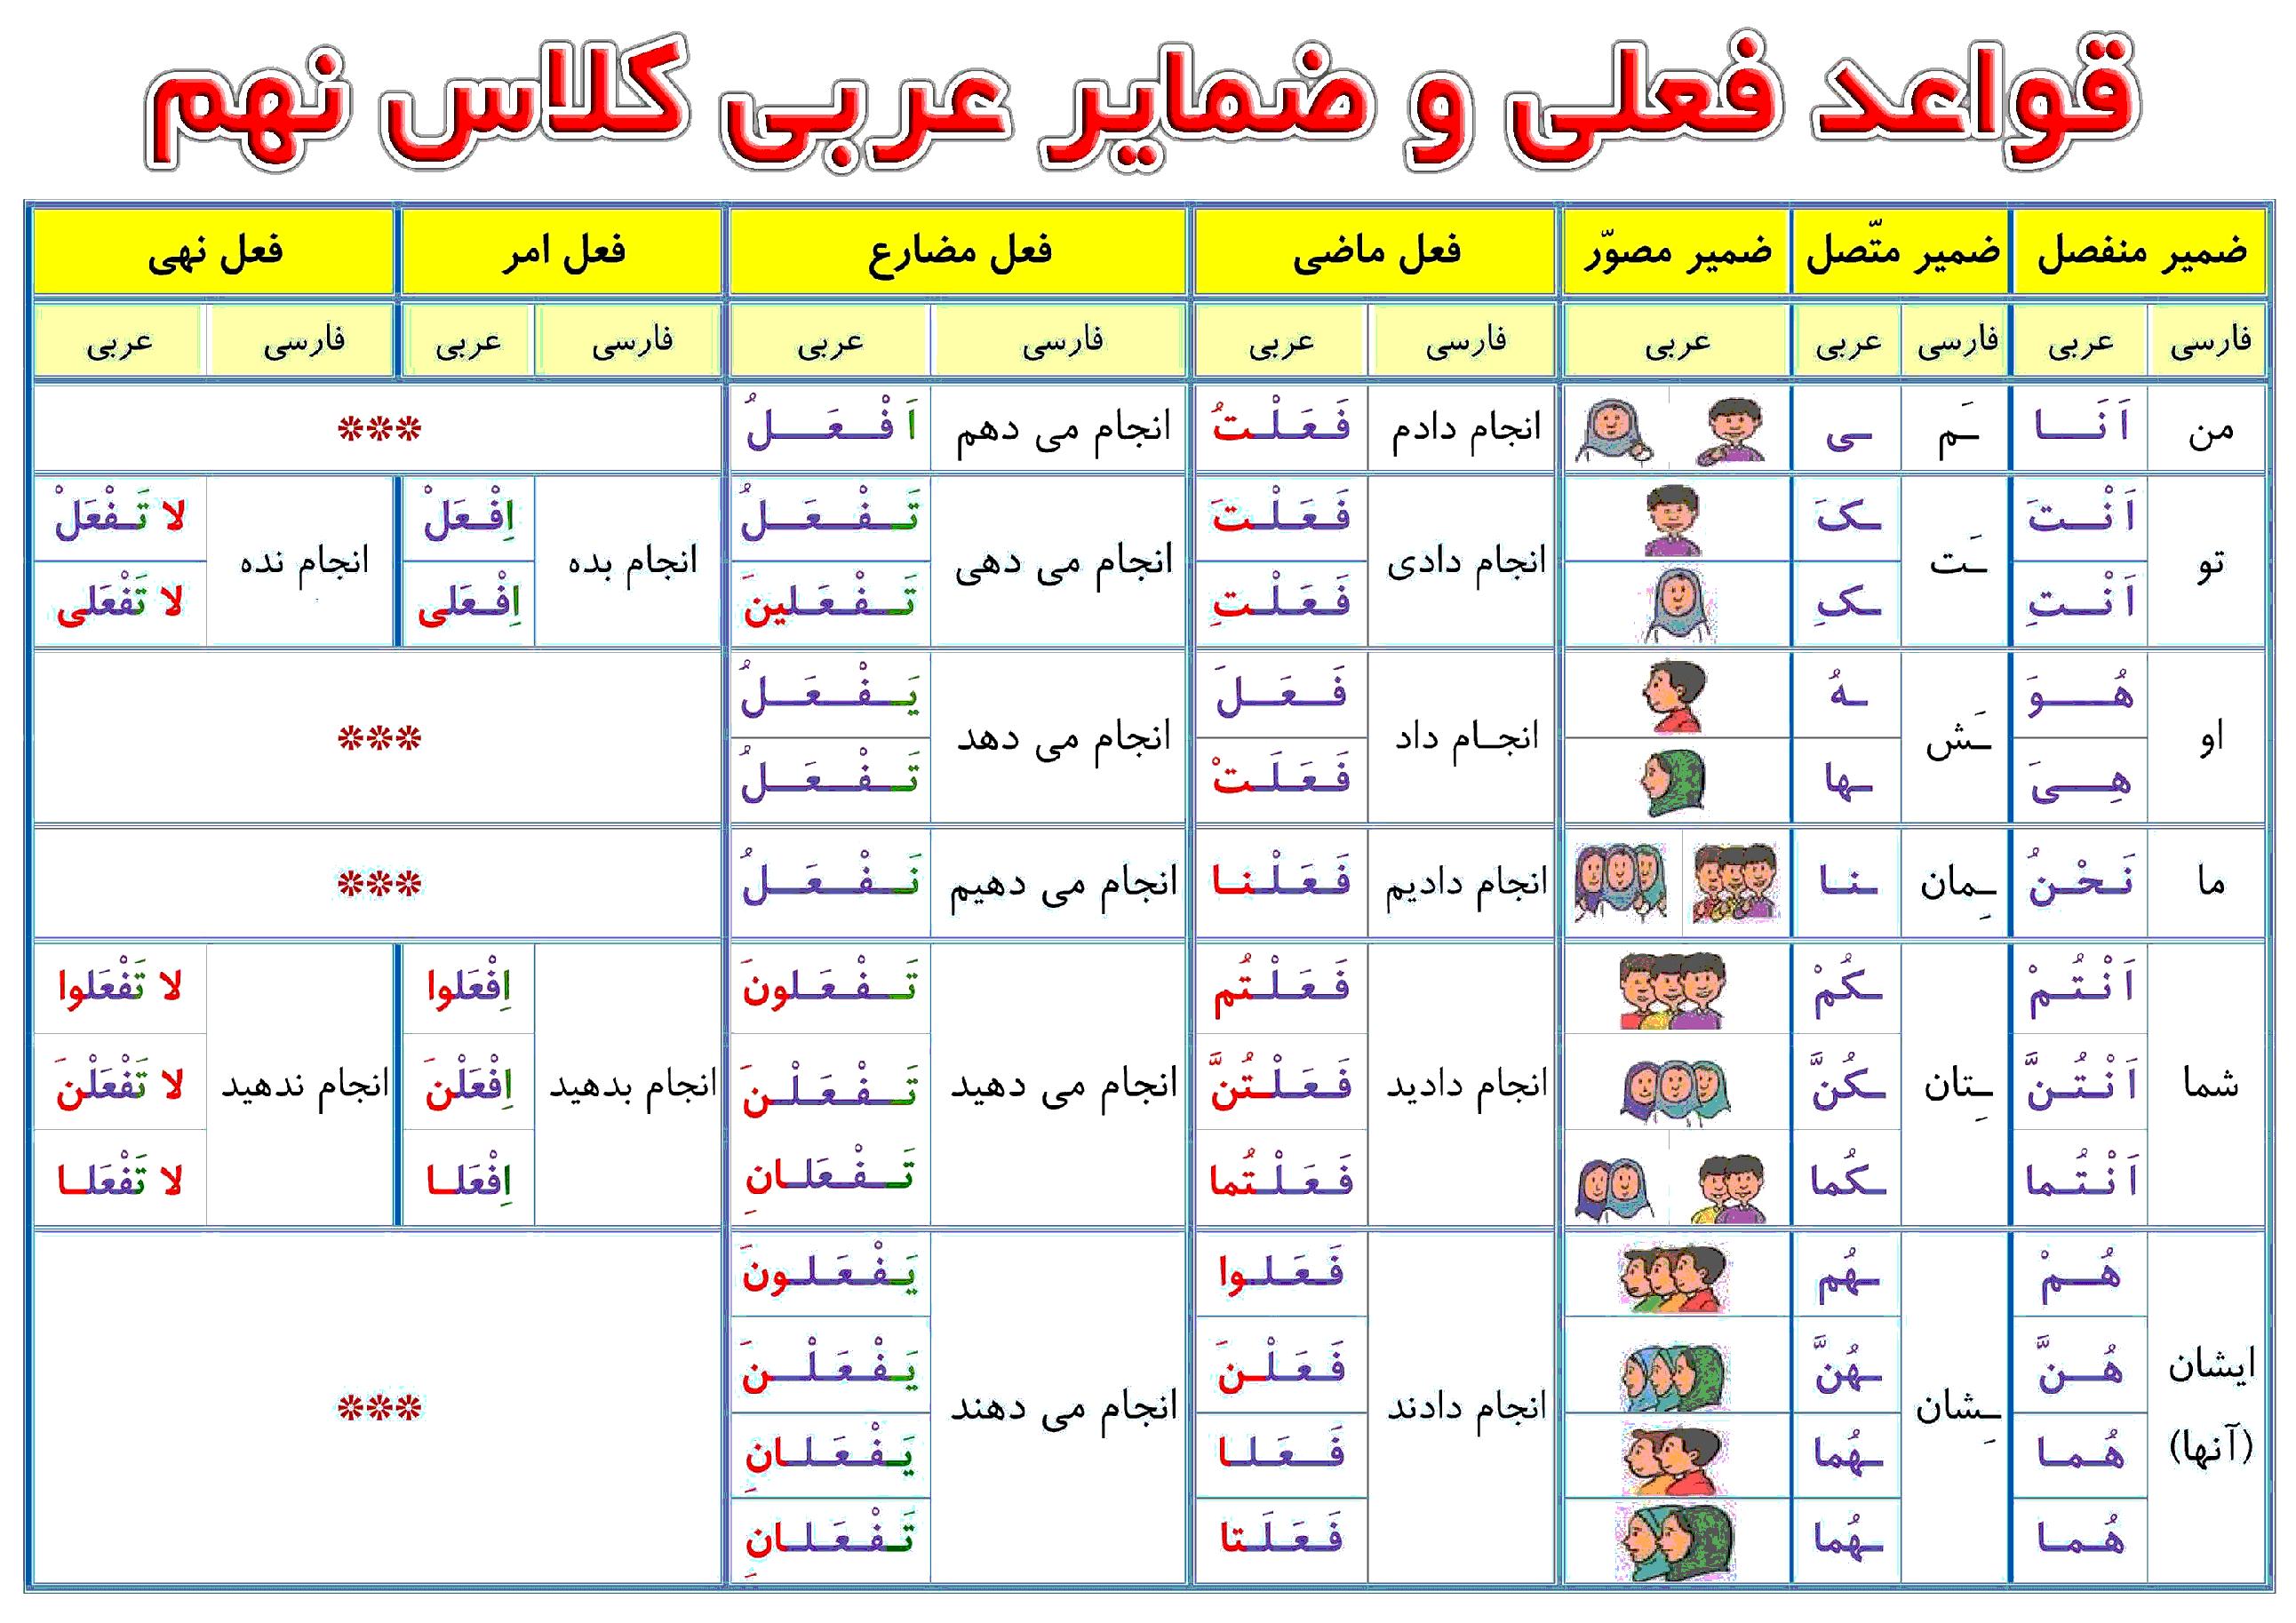 جدول قواعد افعال ماضی، مضارع، امر و نهی و ضمایر متصل و منفصل عربی نهم